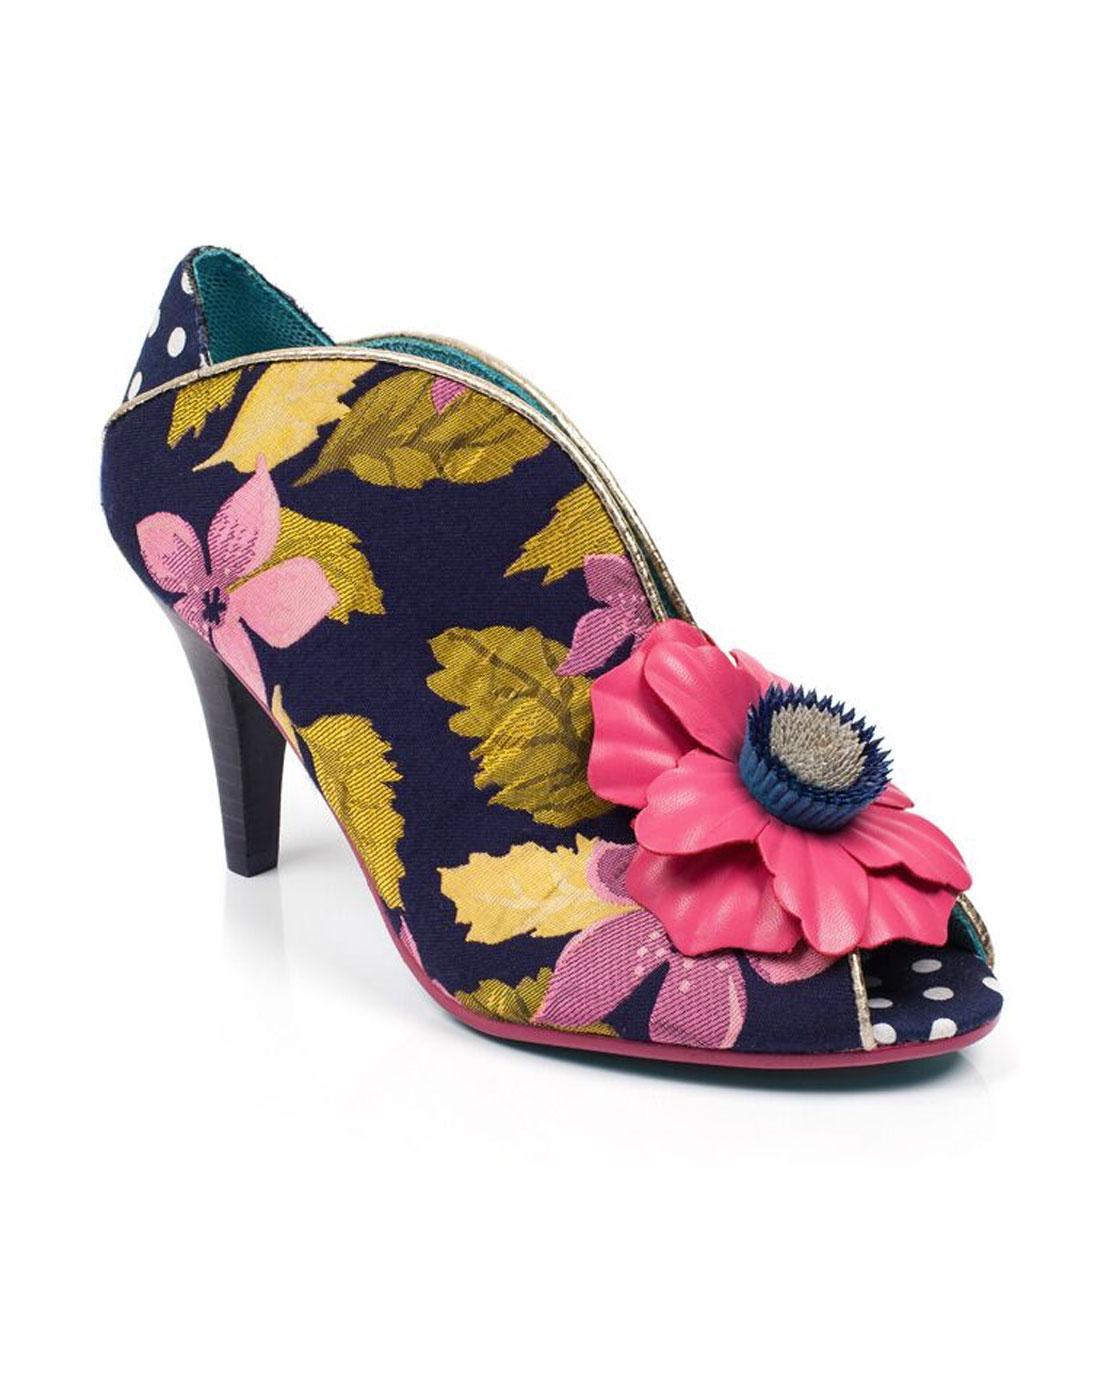 Rita Primrose POETIC LICENCE Retro Floral Heels N